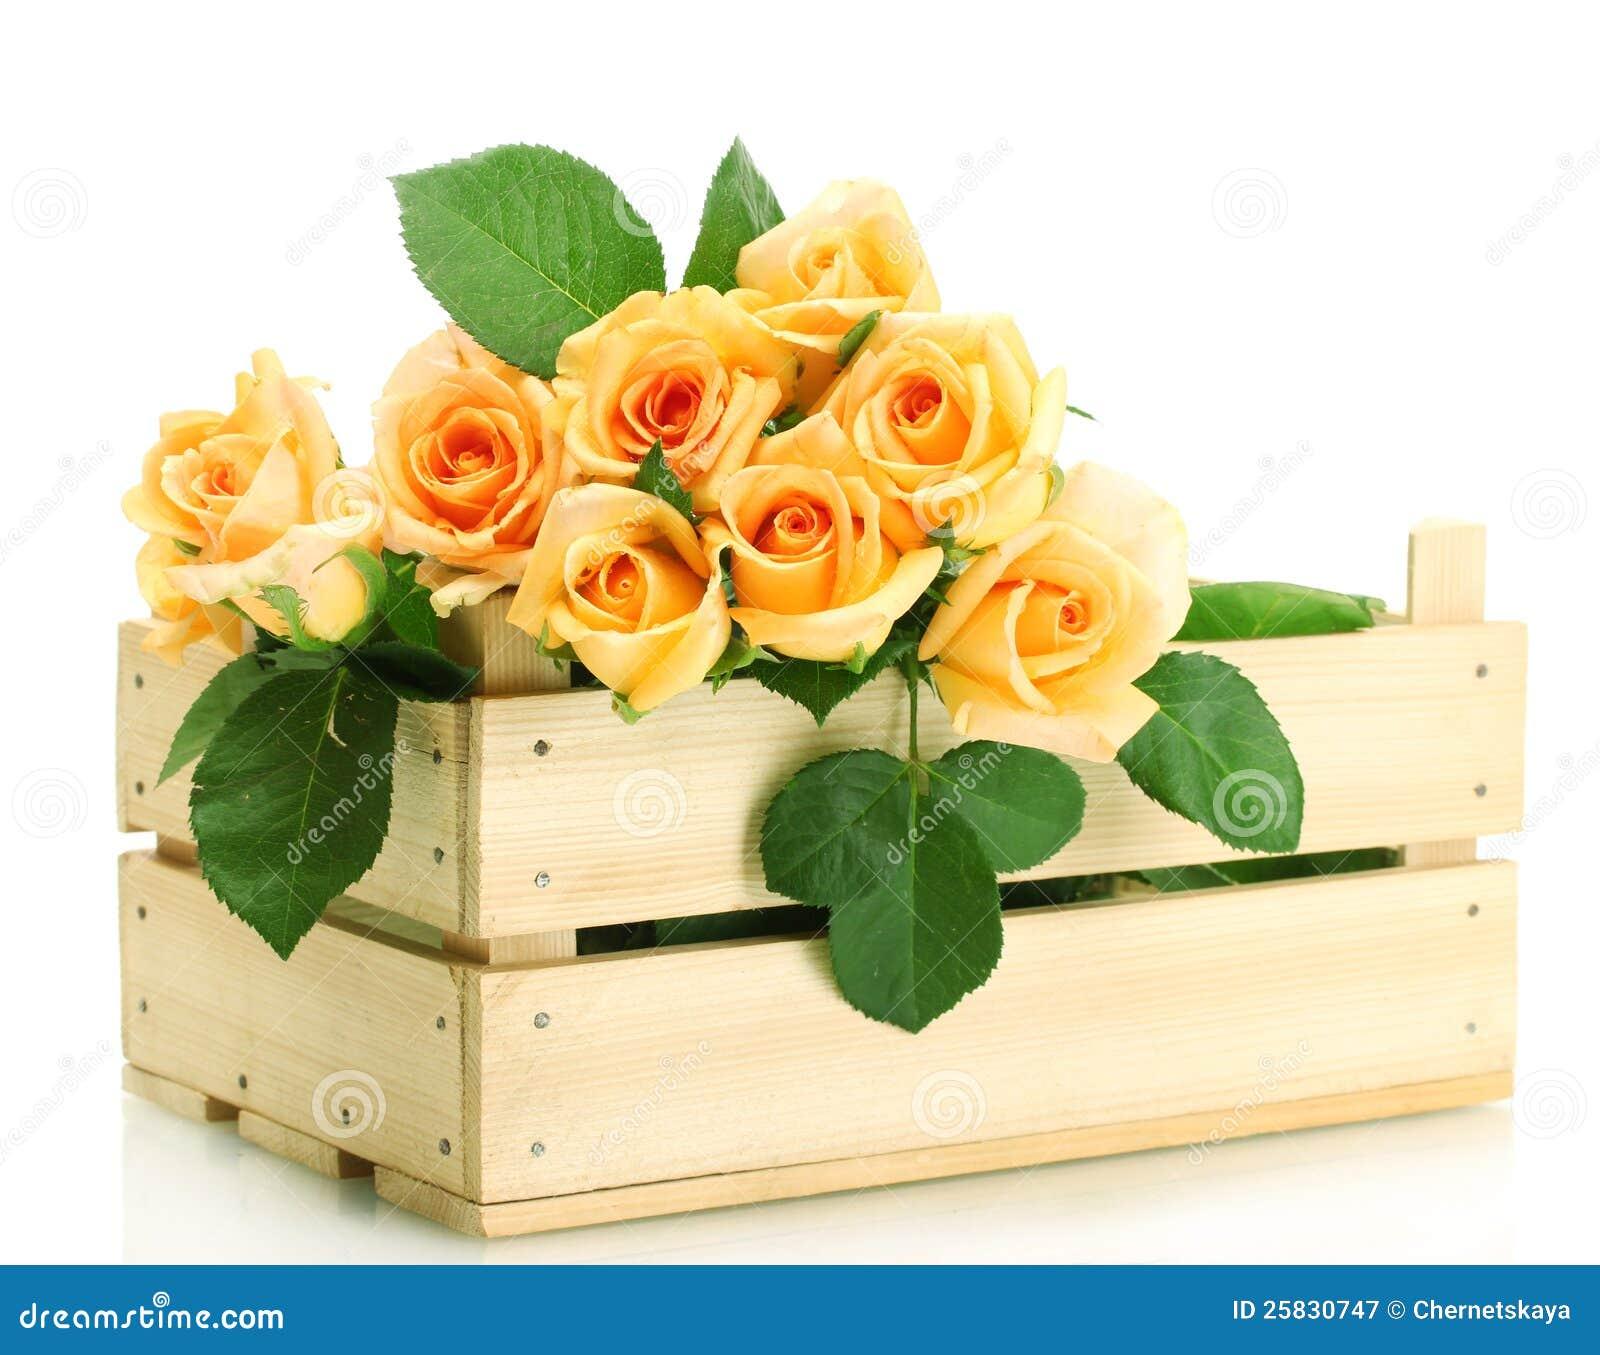 Bello mazzo delle rose in casella di legno immagine stock for Mazzo per esterni in legno